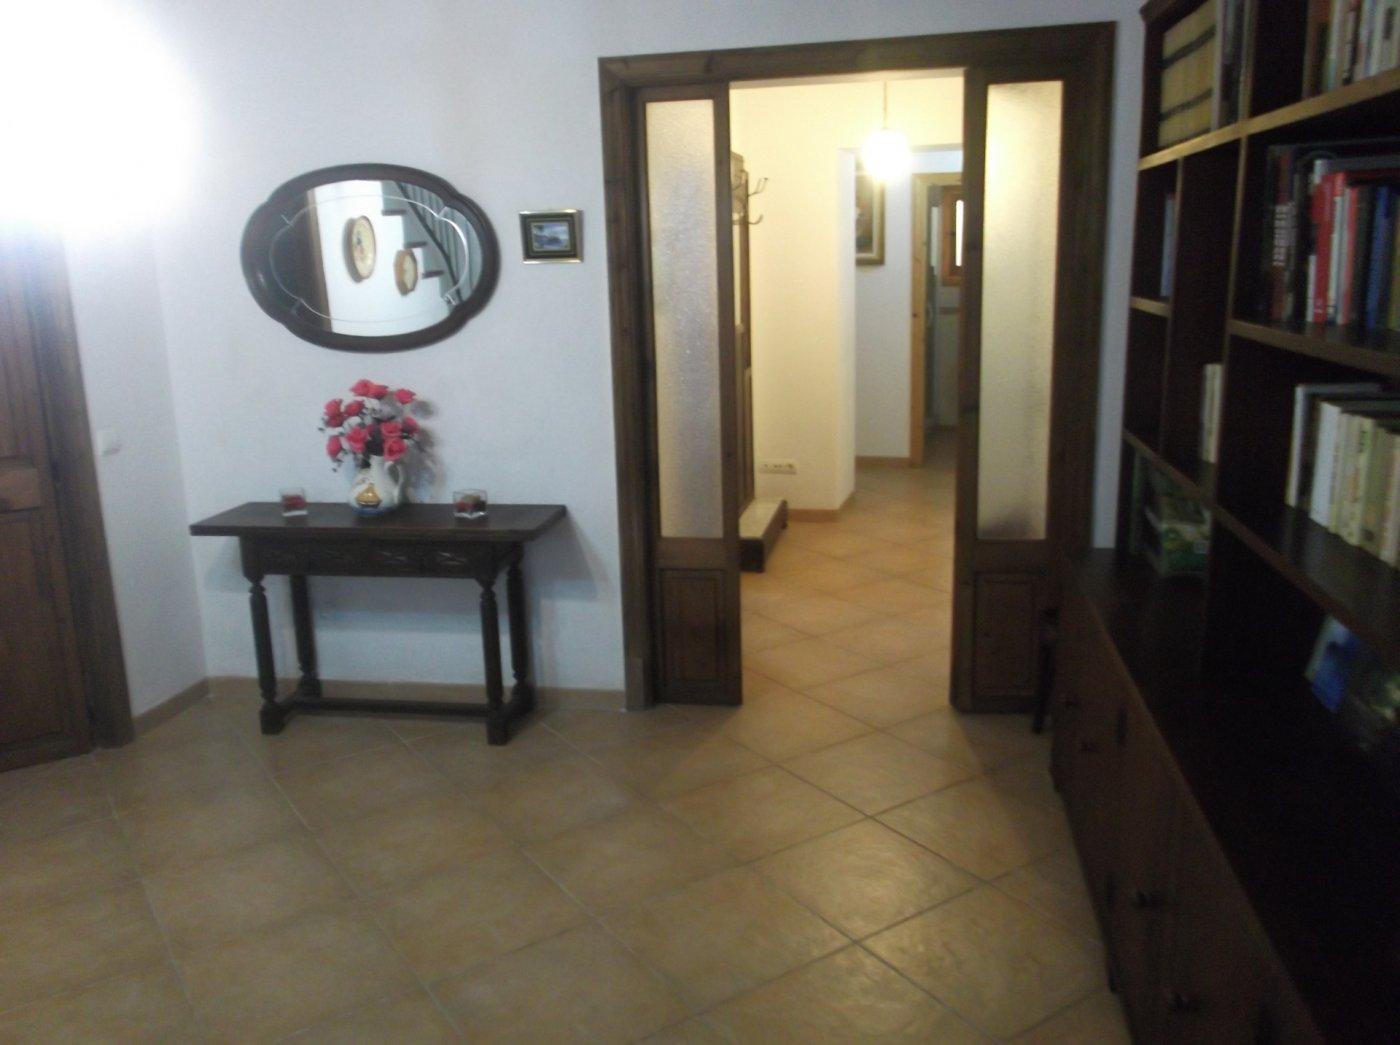 En venta casa de pueblo reformada 3 alturas estilo mallorquin centro llucmajor - imagenInmueble29